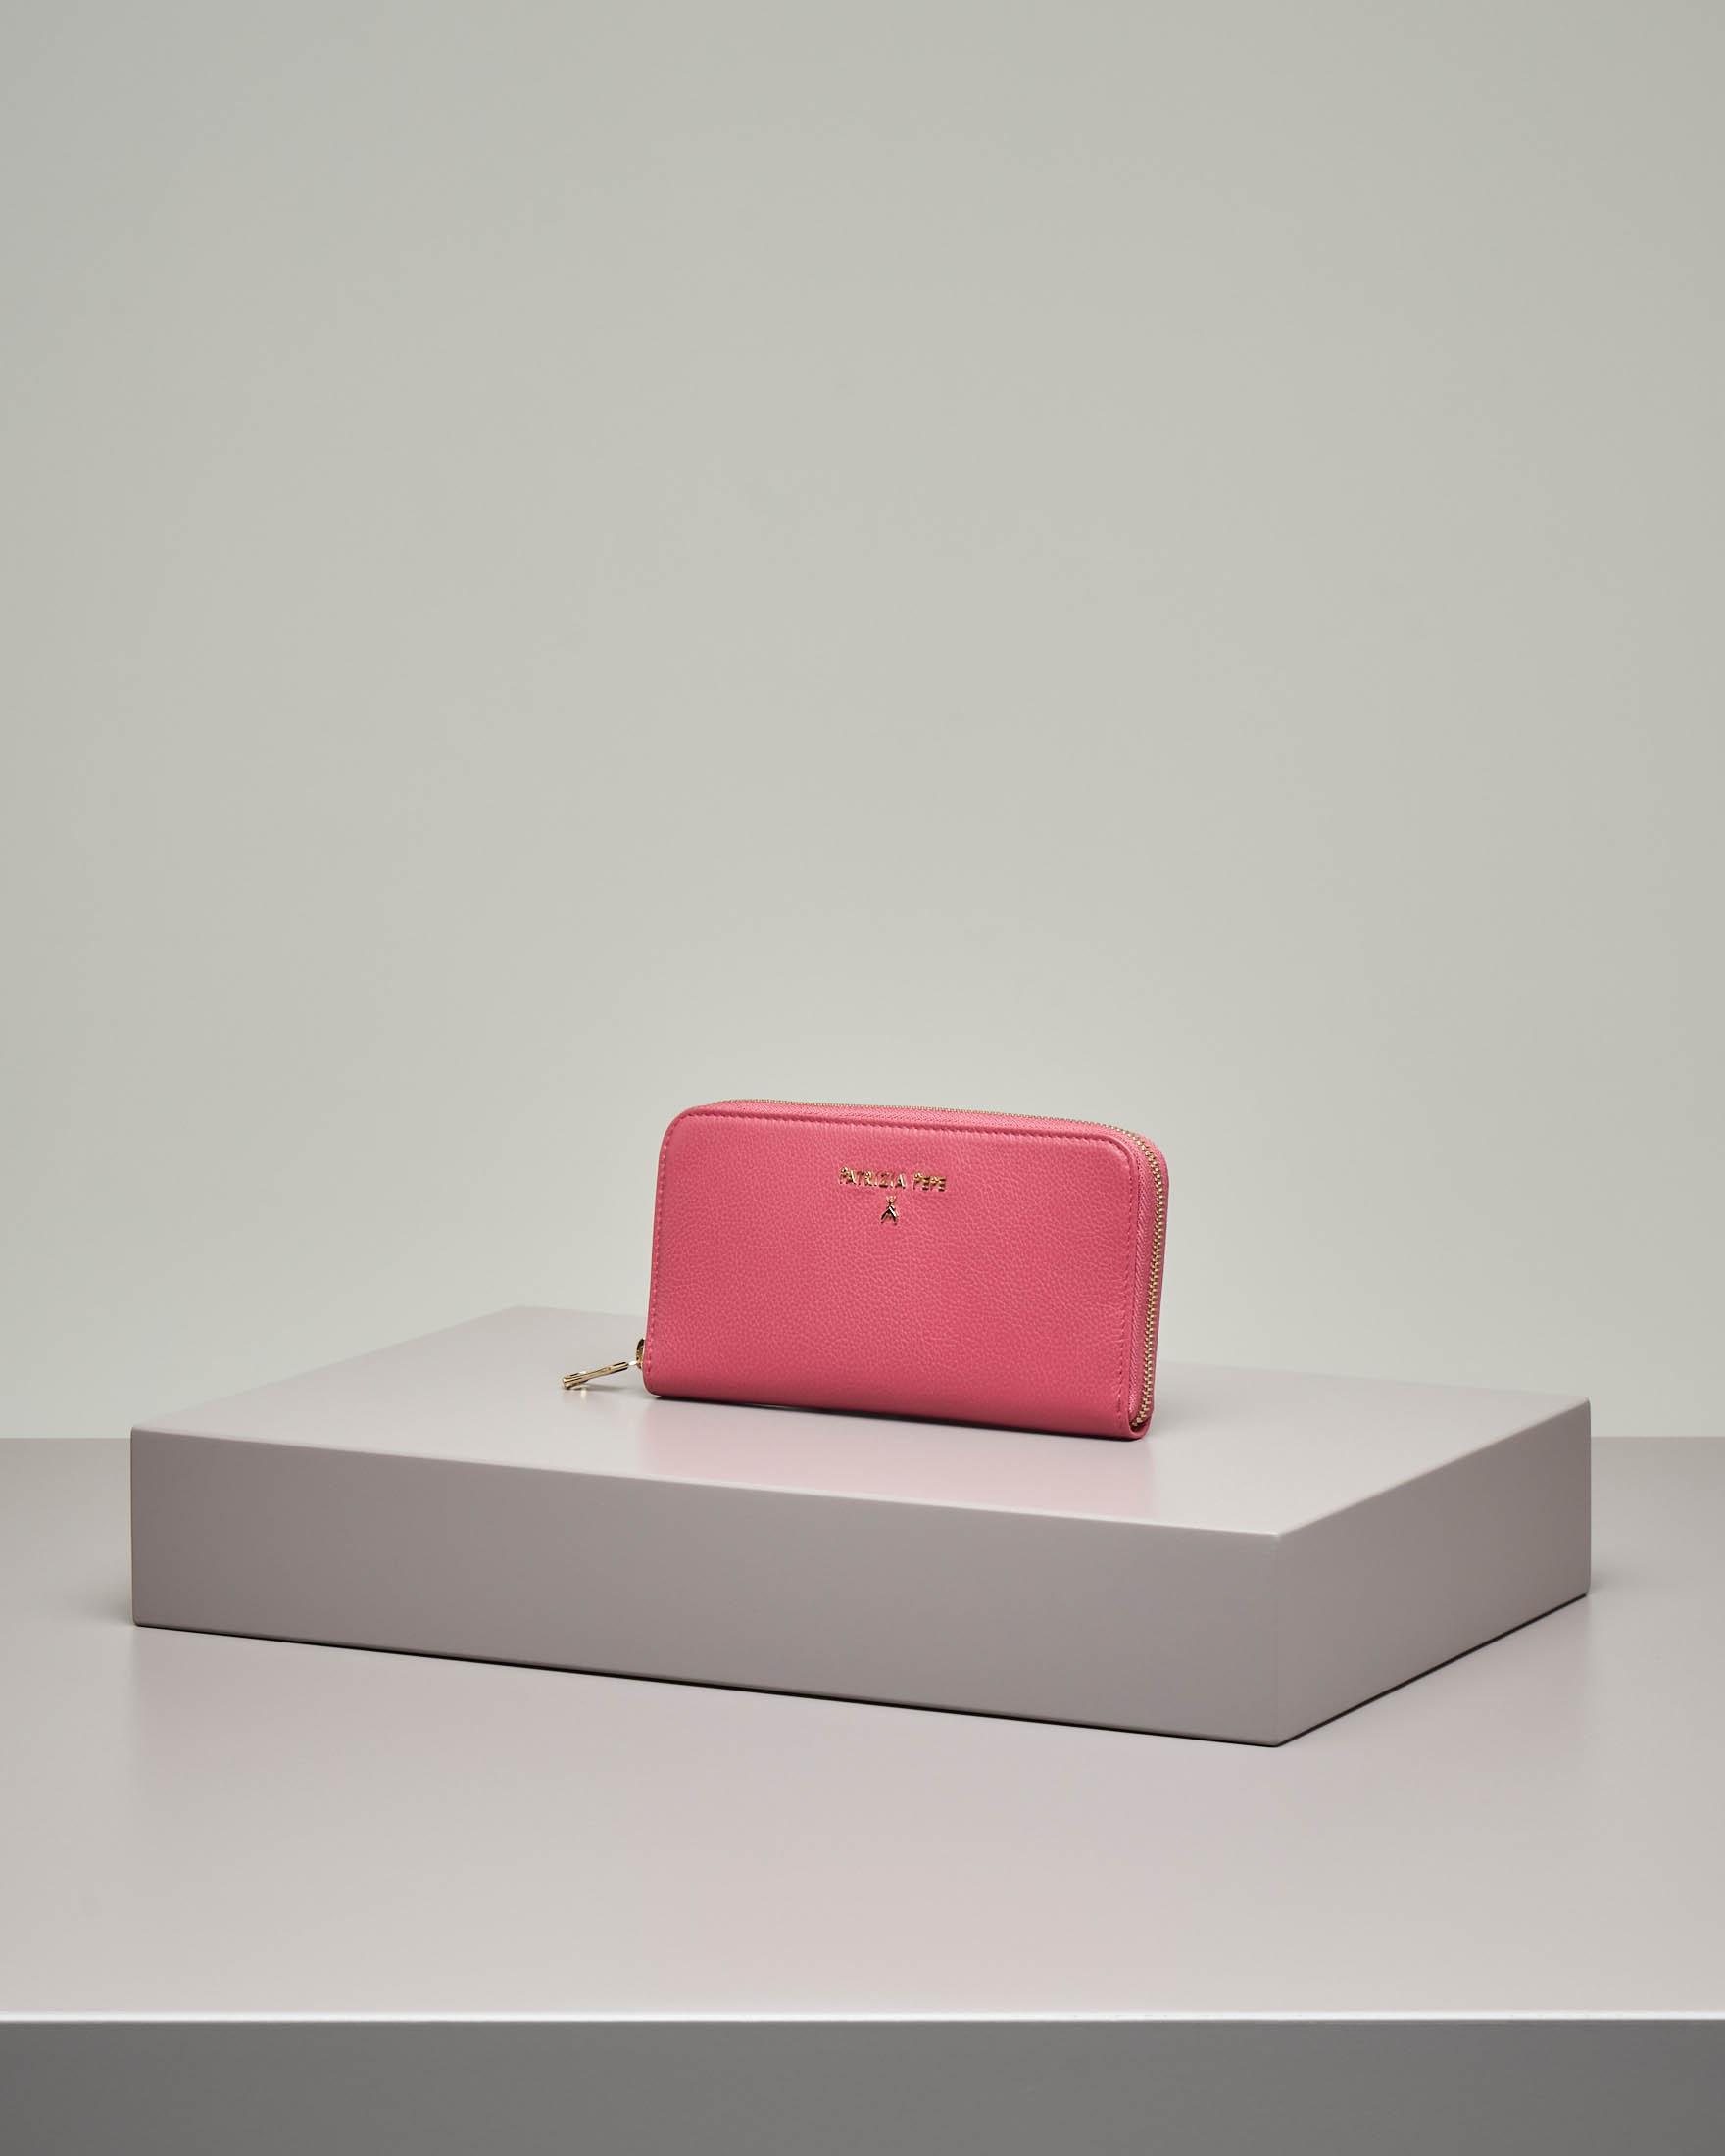 Portafoglio rosa in pelle effetto martellato con chiusura a cerniera misura grande